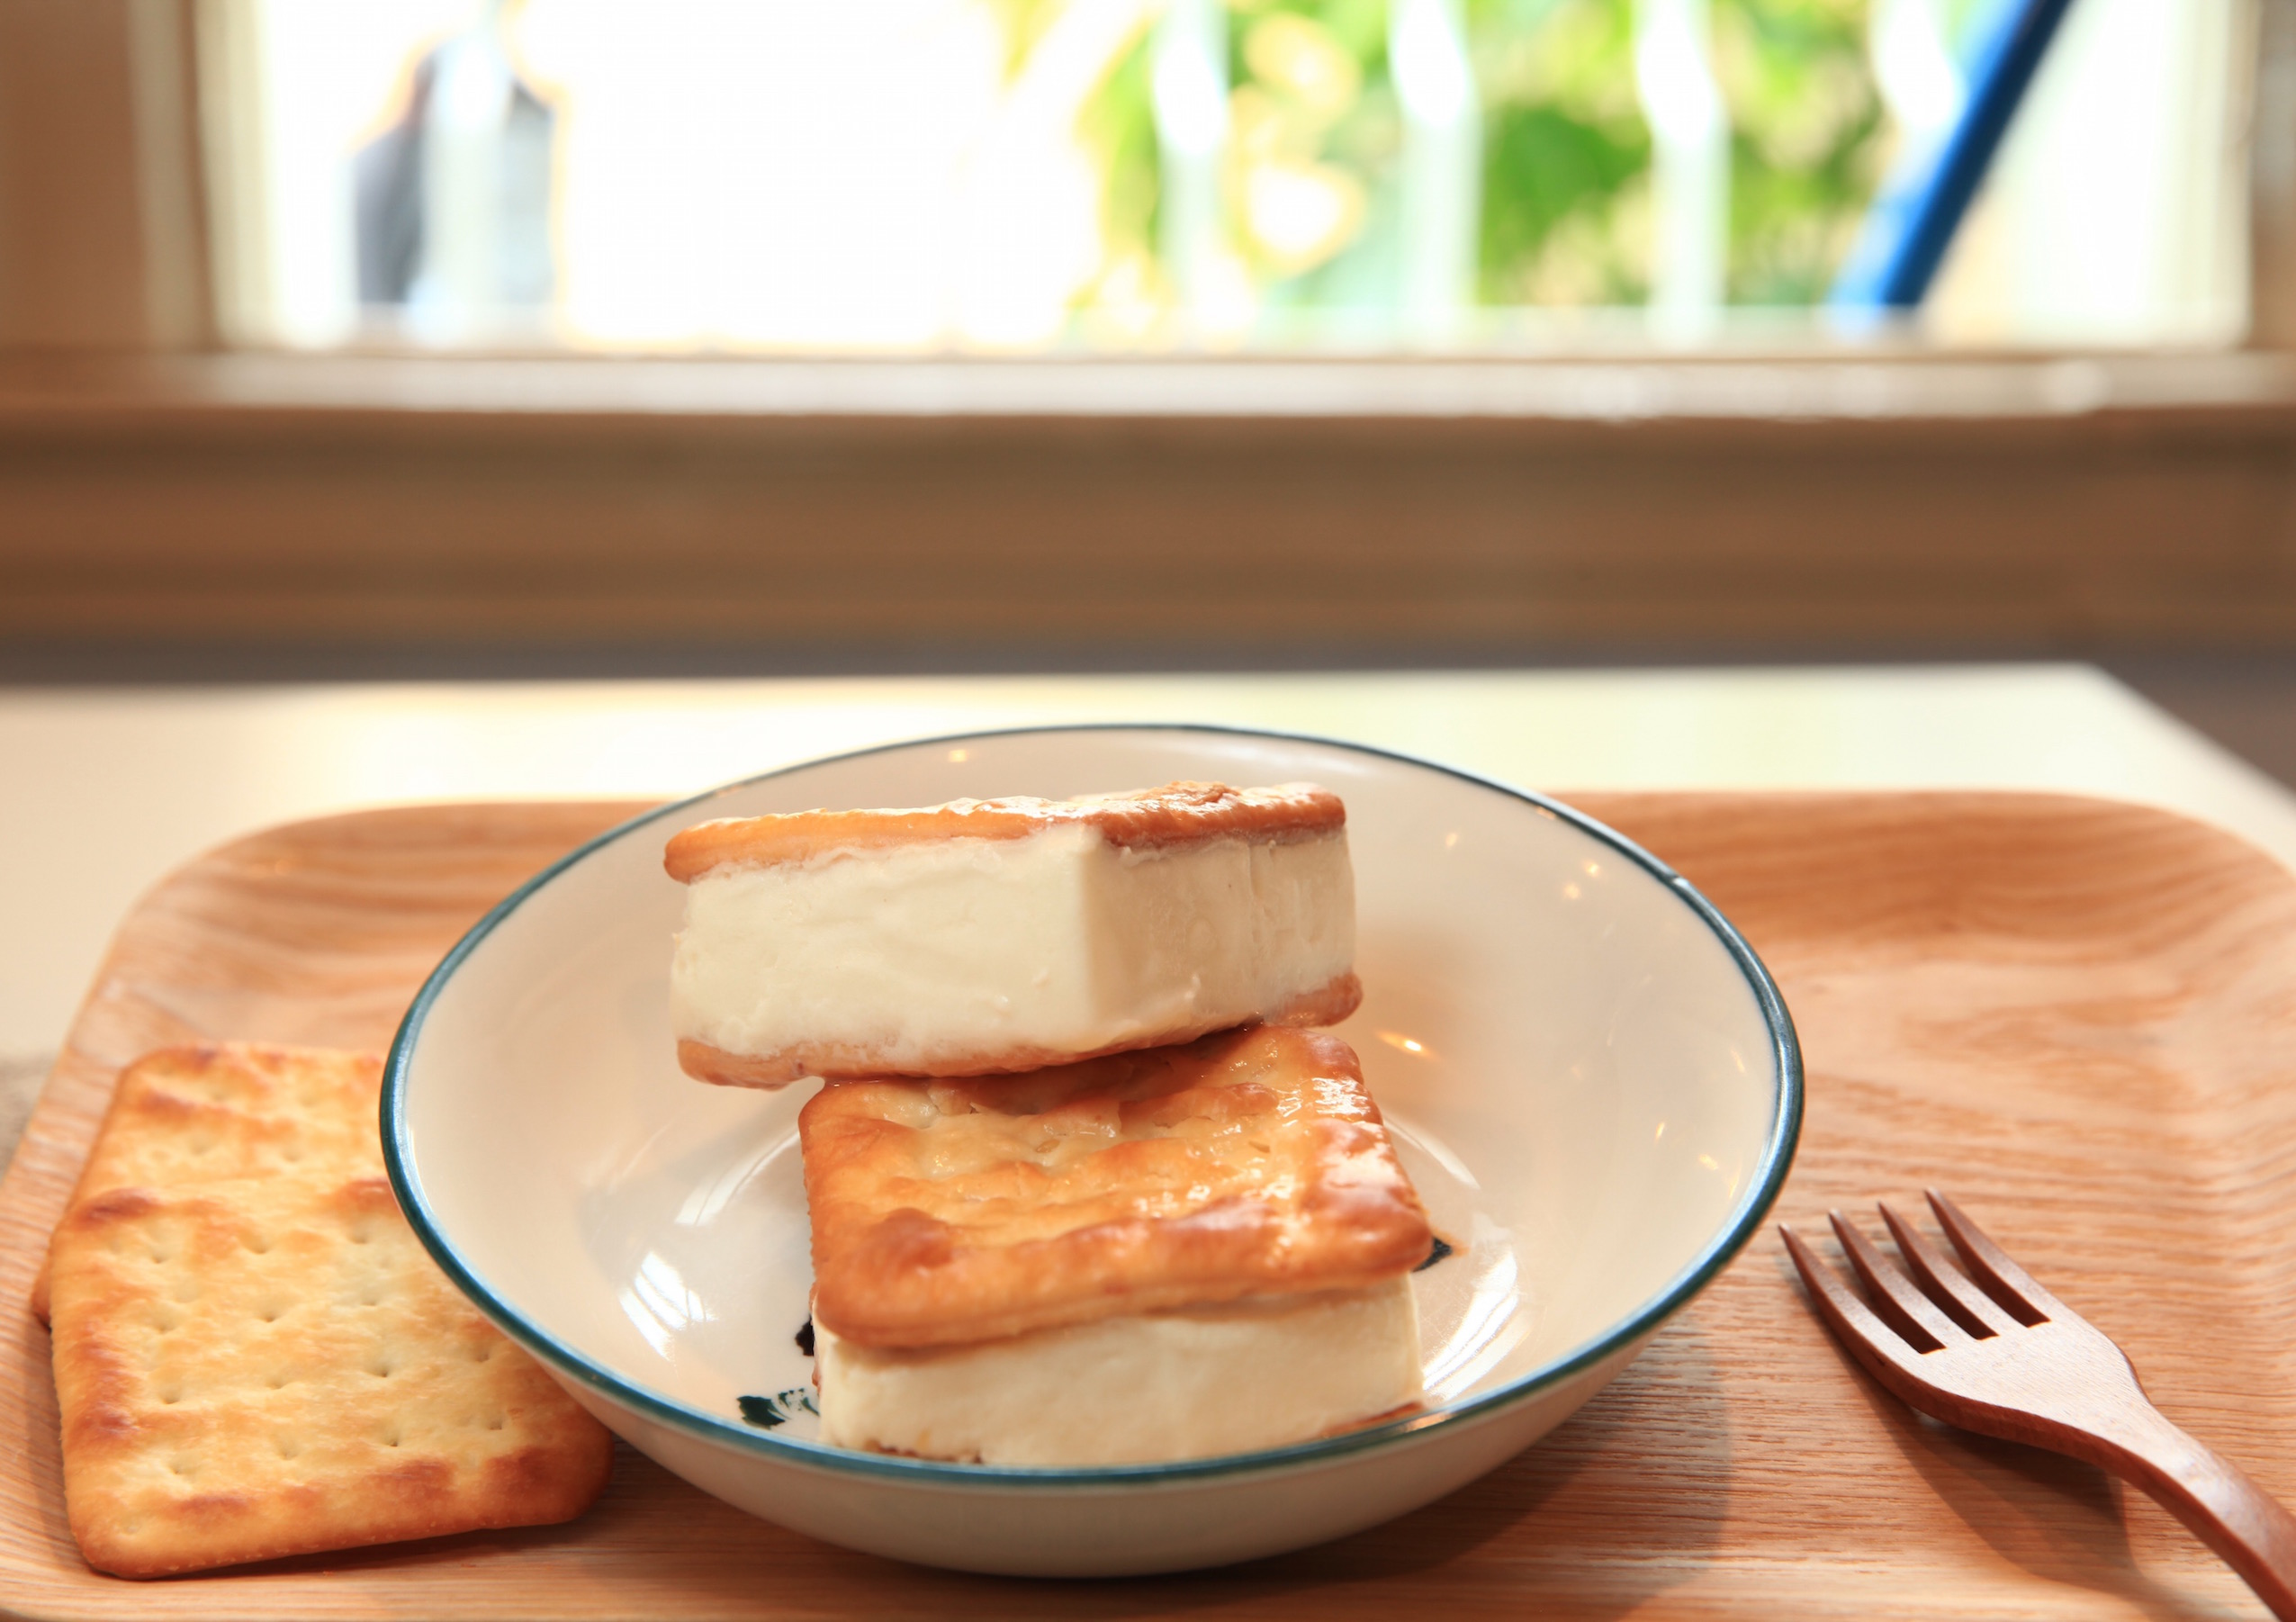 """~無聊郎懷舊冰品冷飲~ 牛奶冰淇淋三明治 """"純手工古早味料好實在"""""""